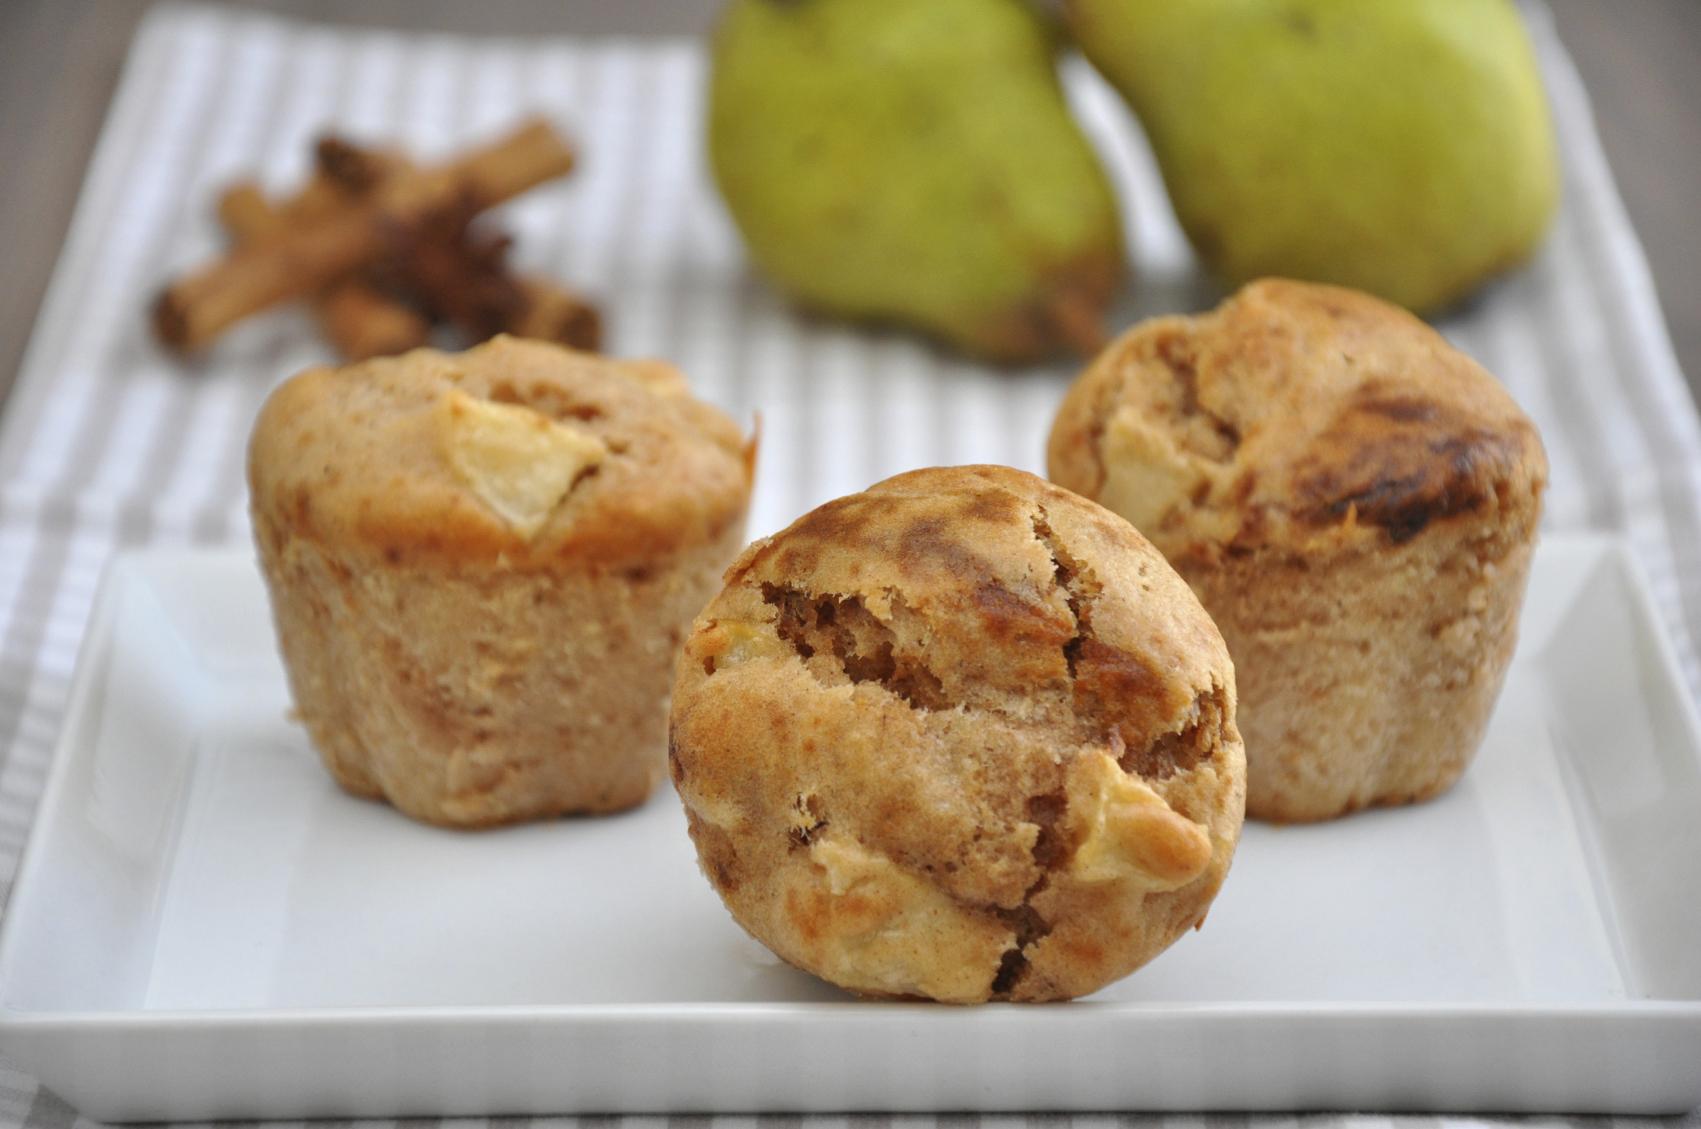 Pear and cinnamon muffins: Muffins tal-lanġas u l-kannella